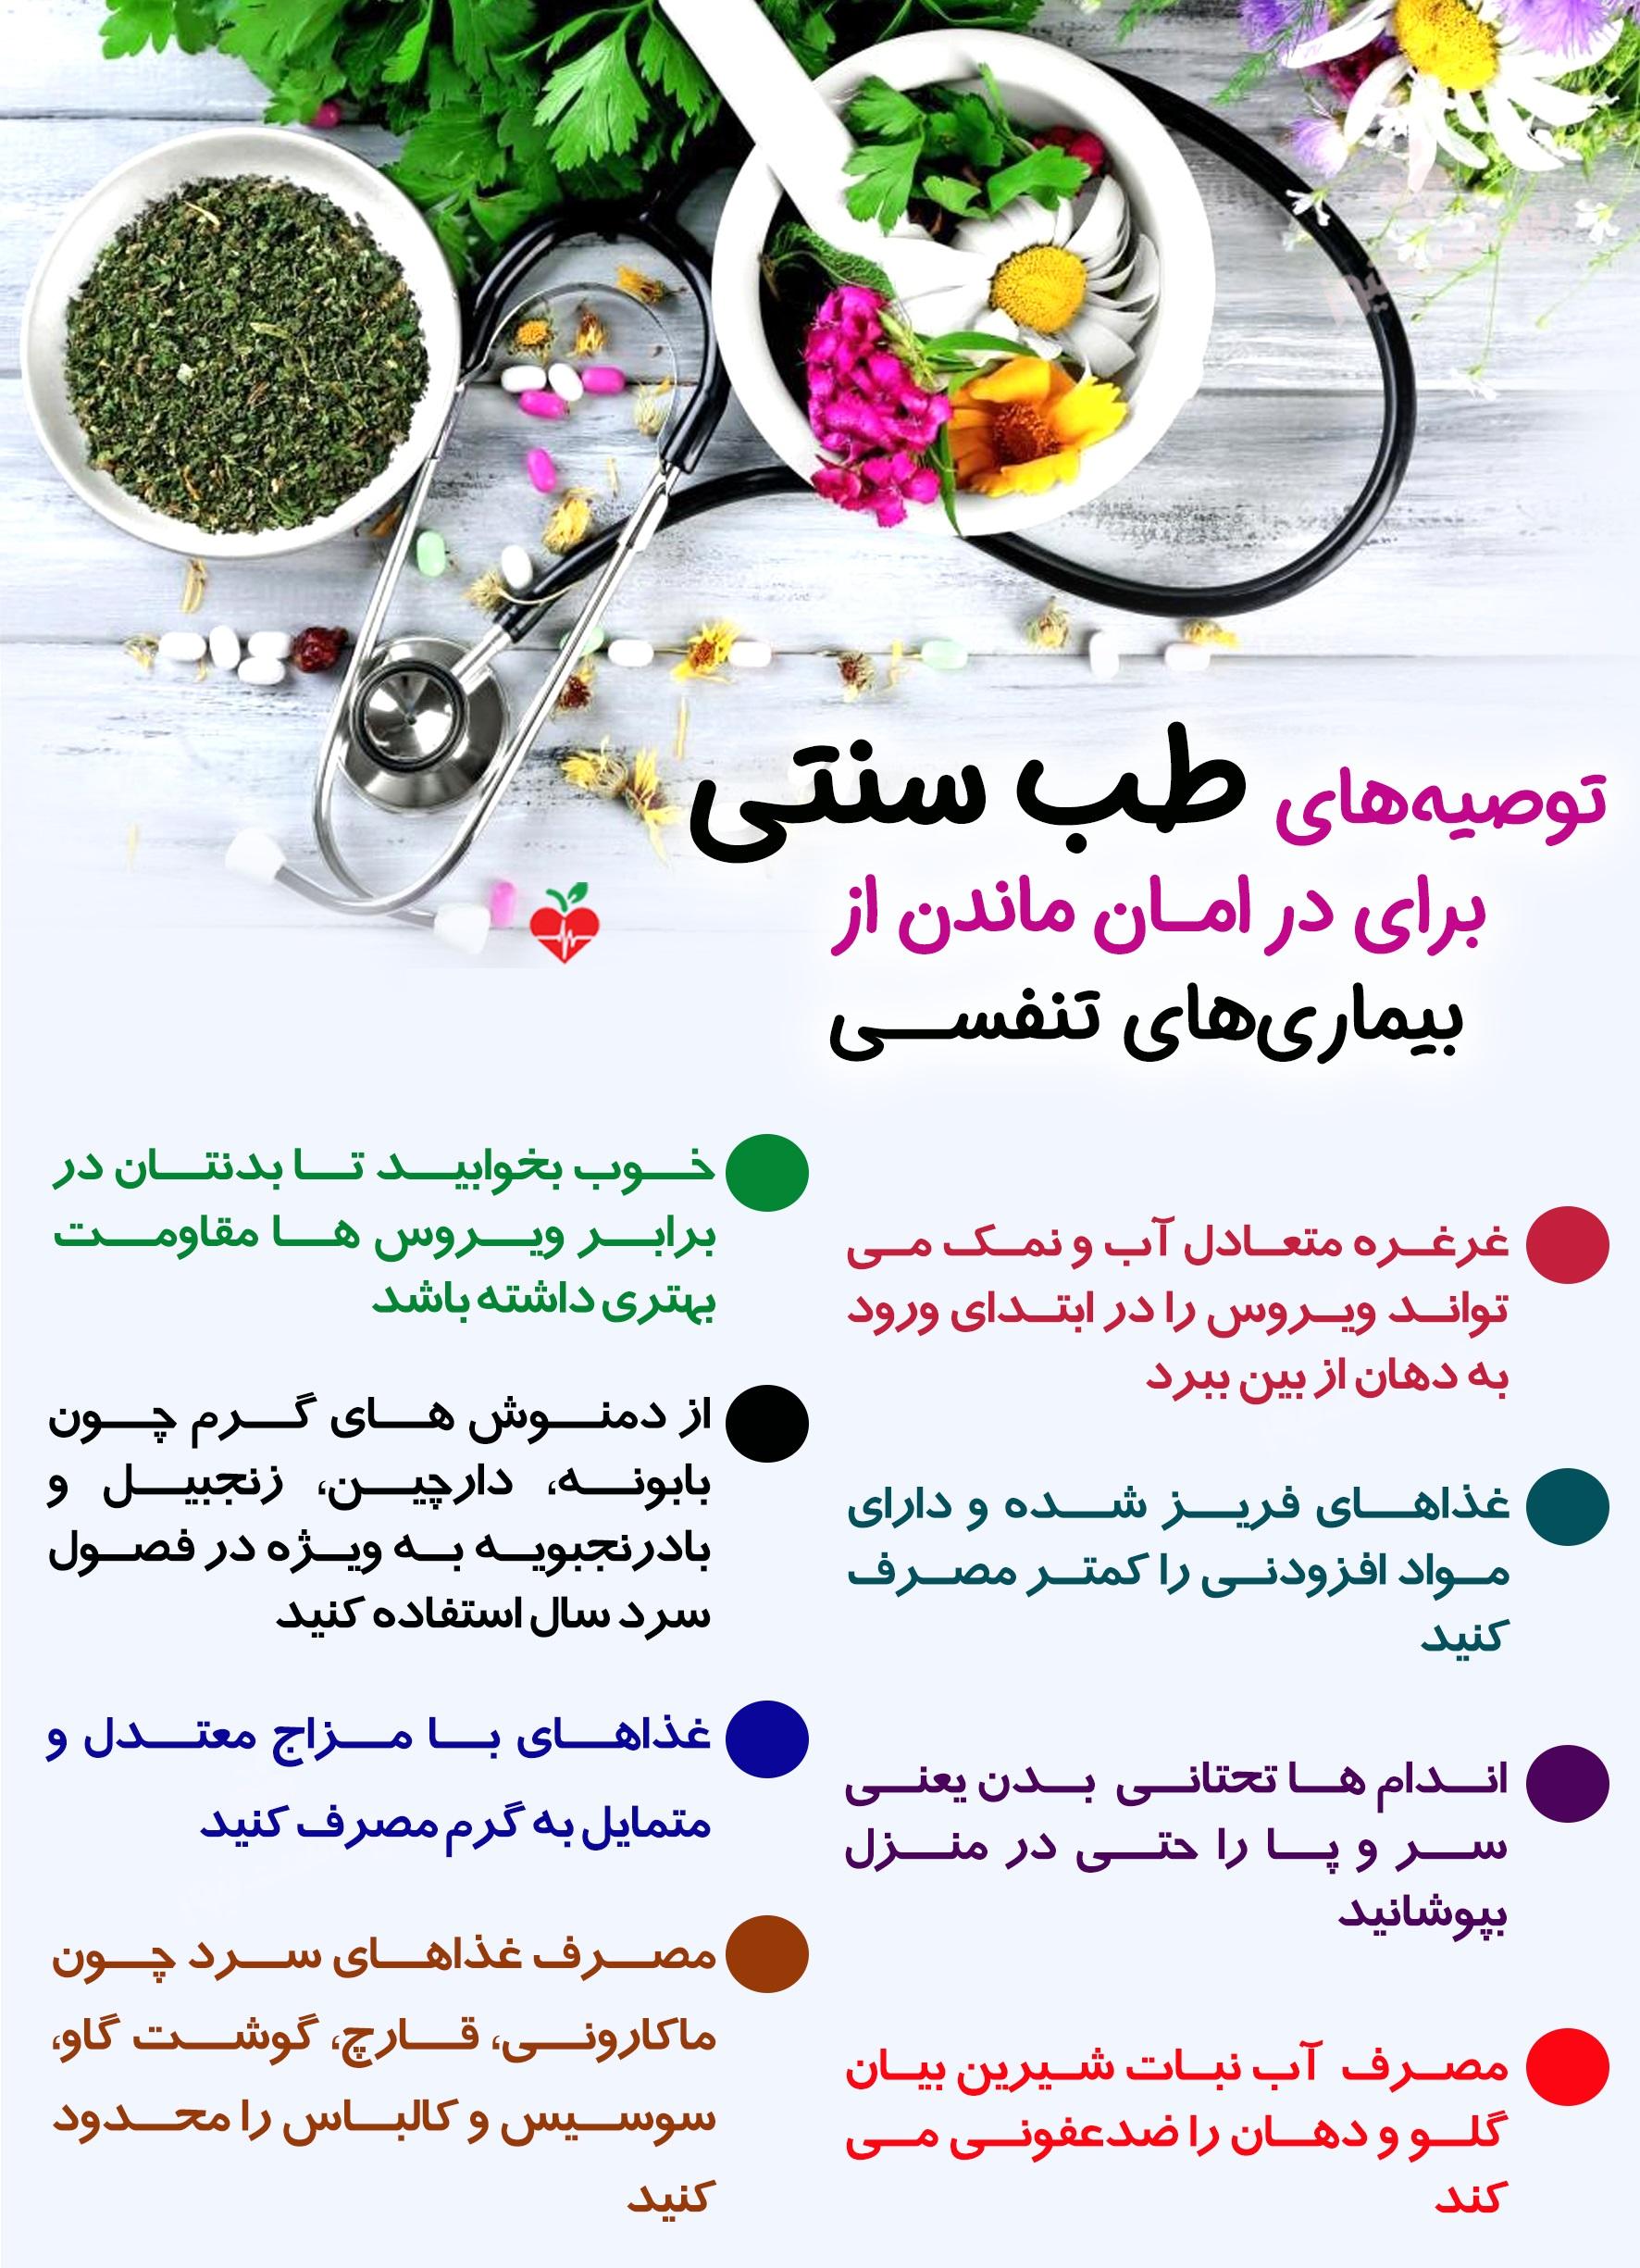 توصیههای طب سنتی برای در امـان ماندن از بیماریهای تنفسـی